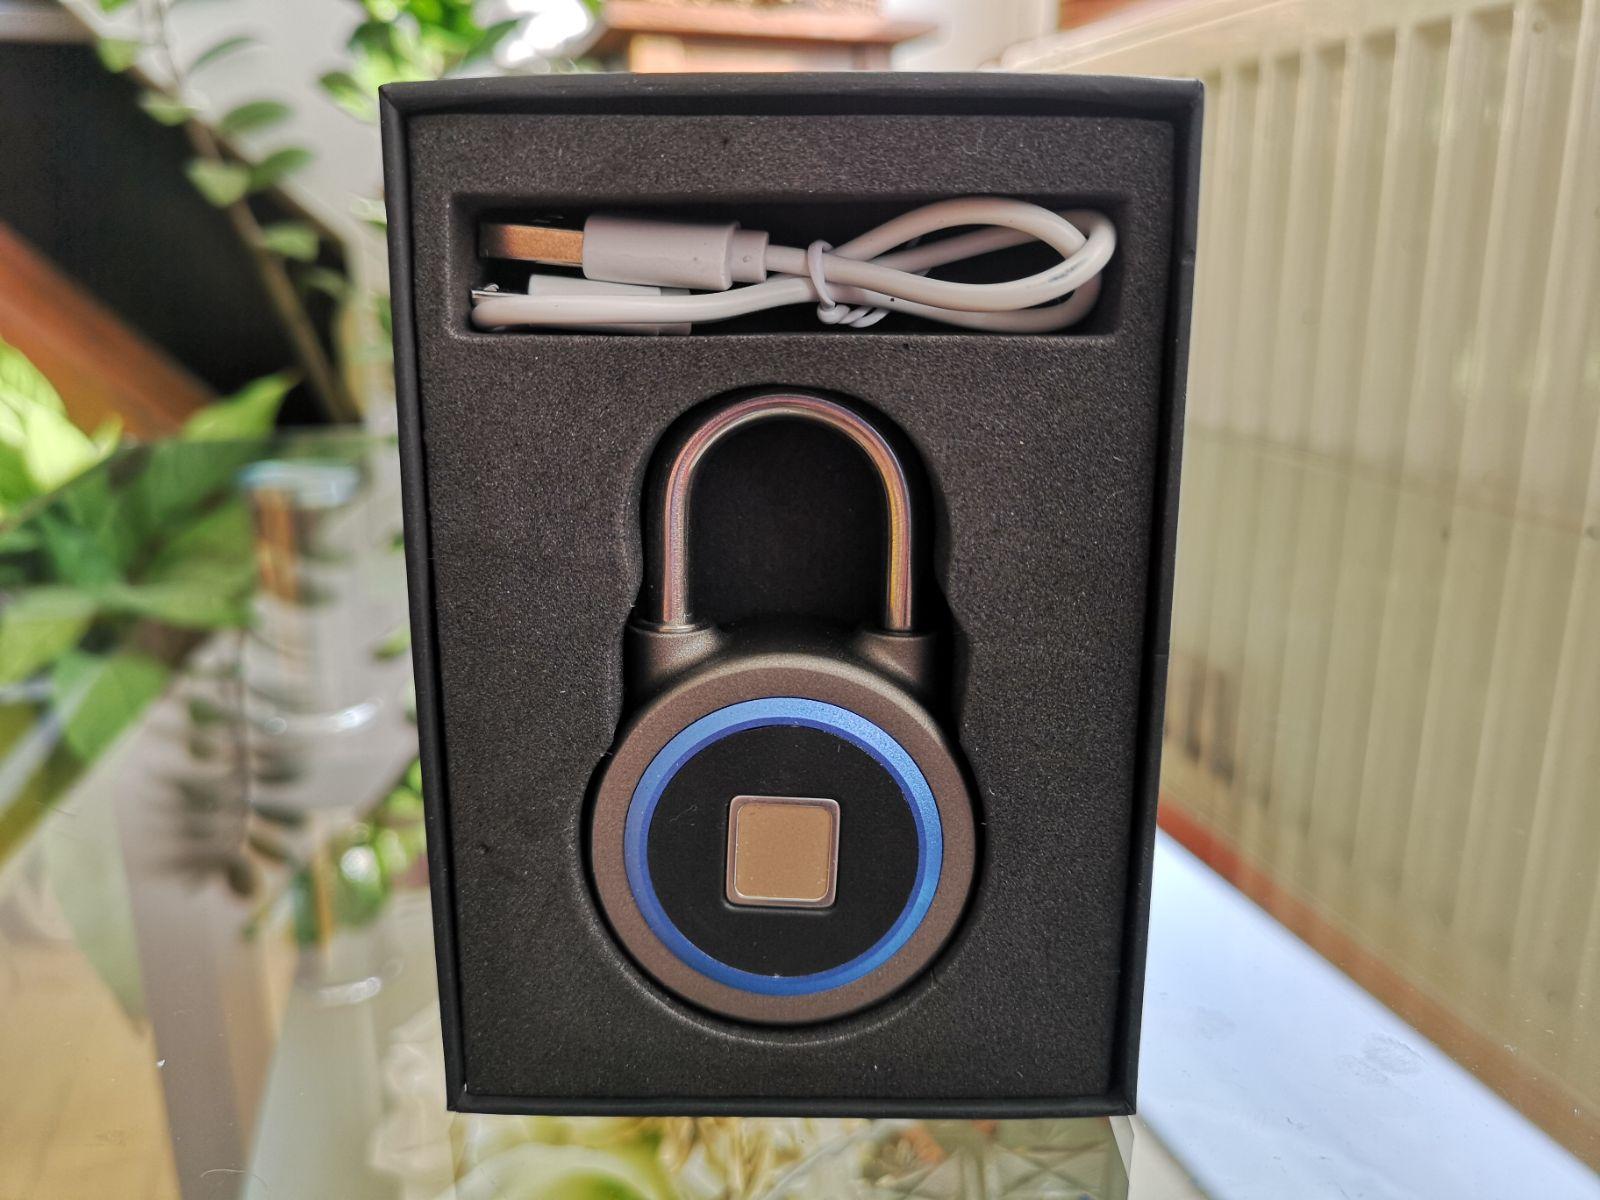 Bluetooth fingerprint lokot 1